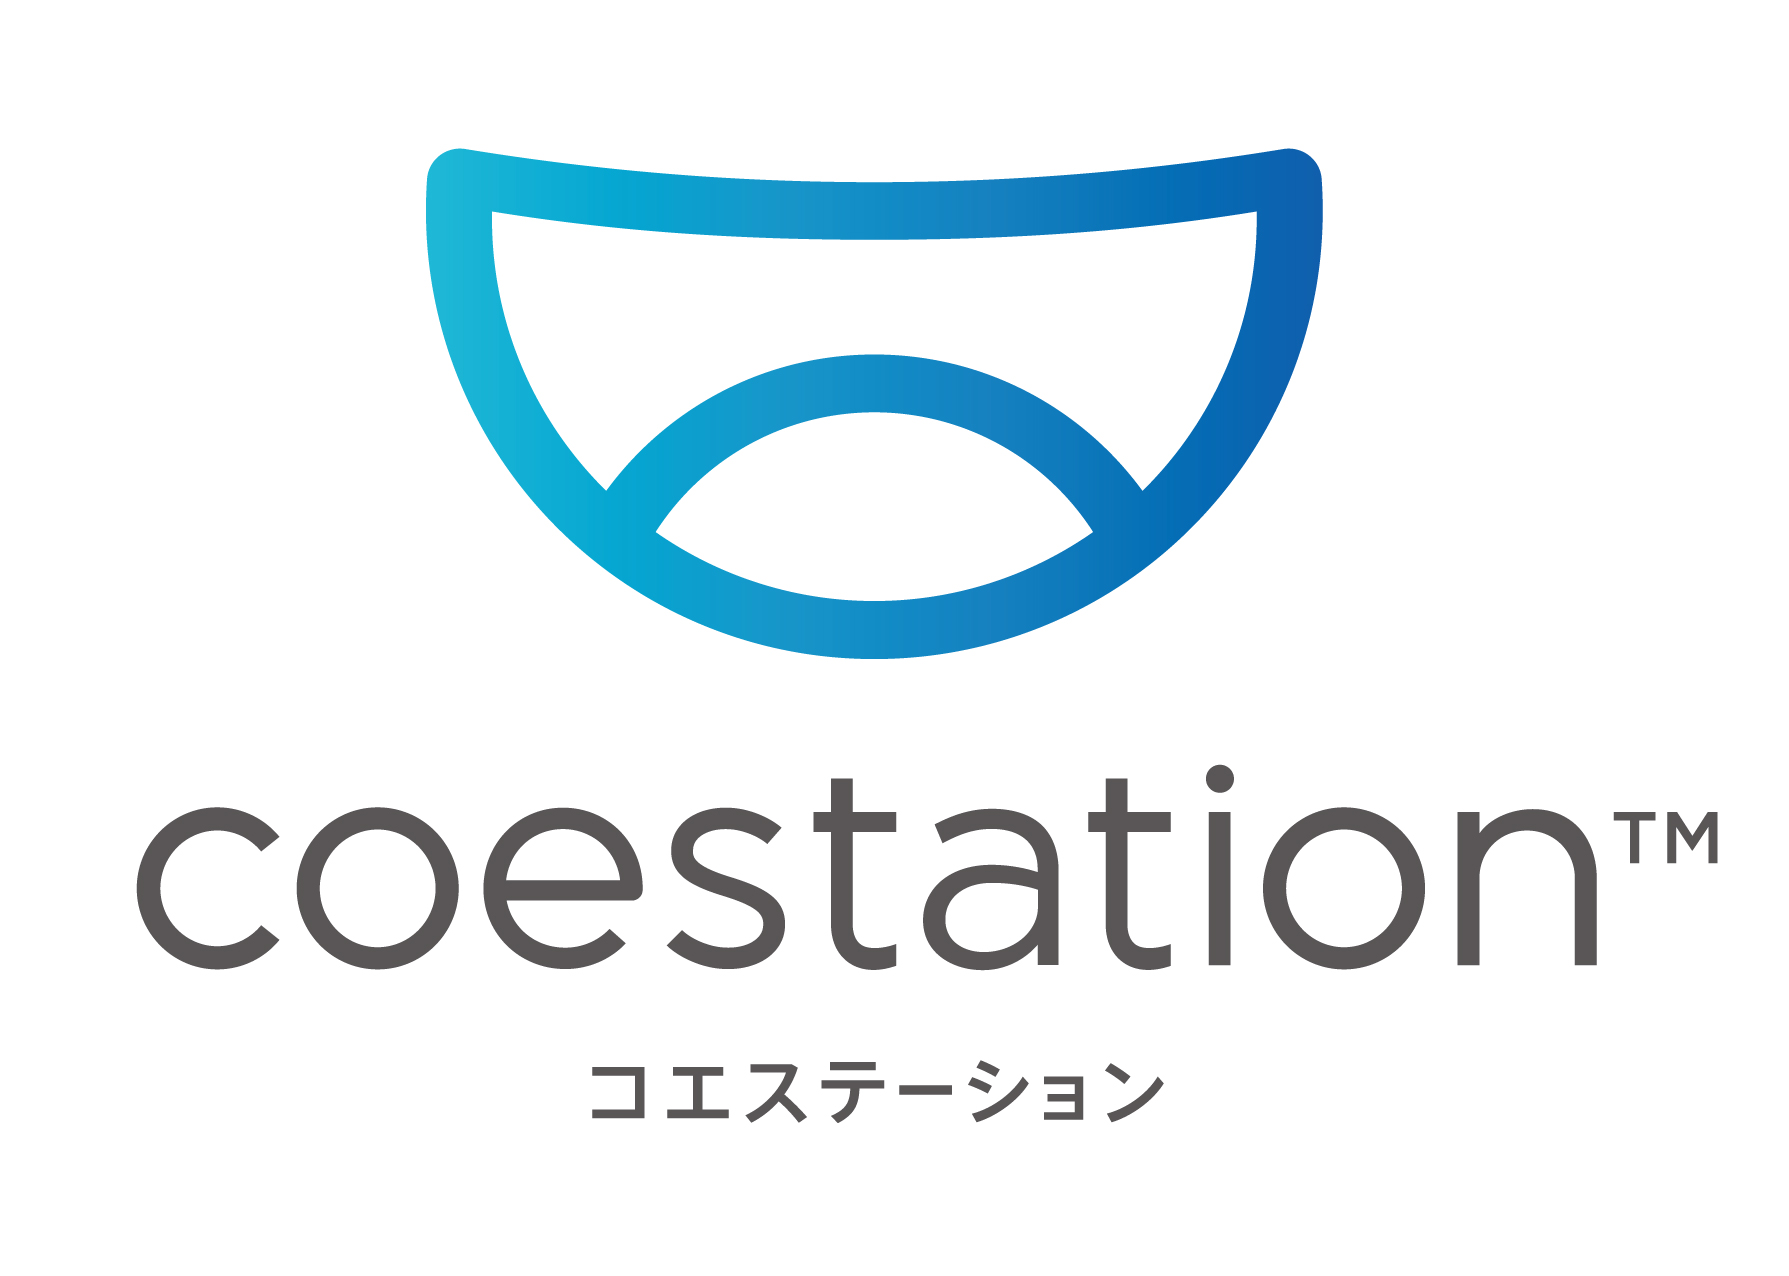 コエステーション|声の権利化・流通プラットフォーム